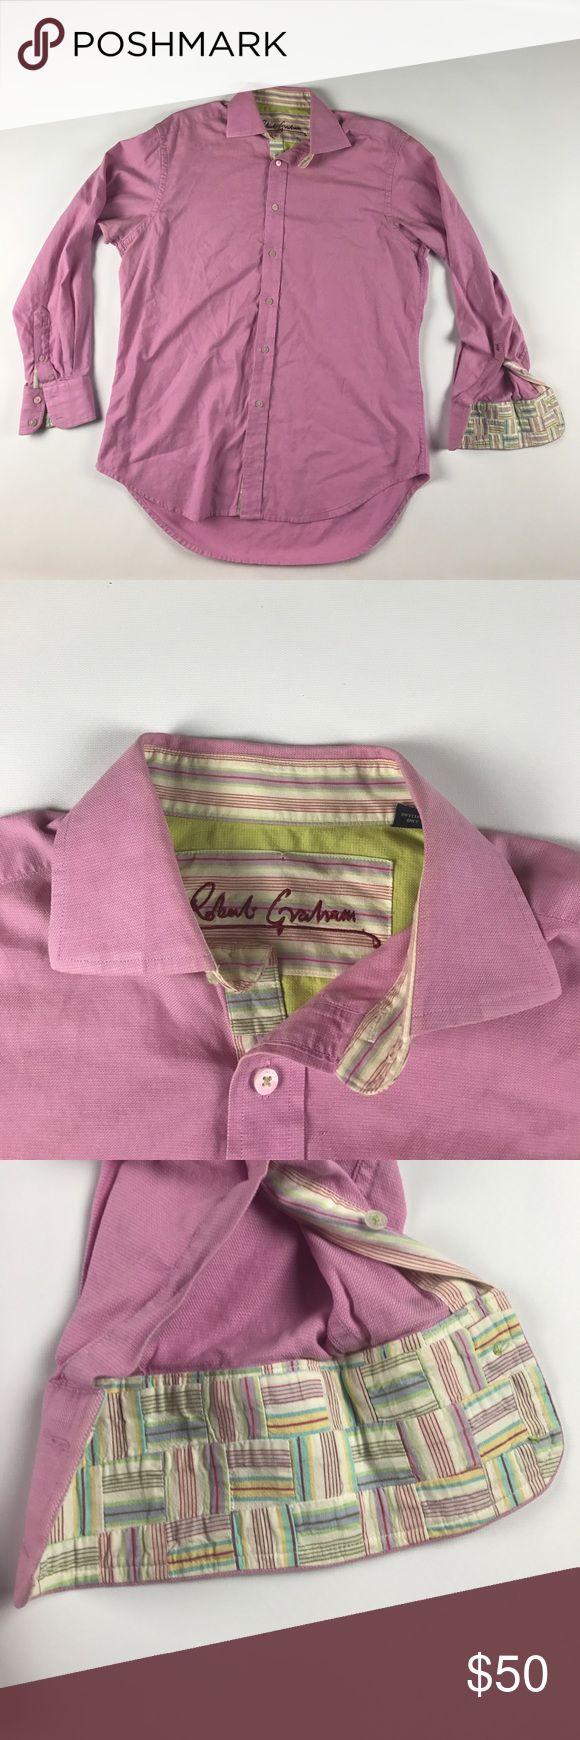 Large Robert Graham Easter Spring Dress Shirt Pink Excellent condition Robert Graham Shirts Dress Shirts